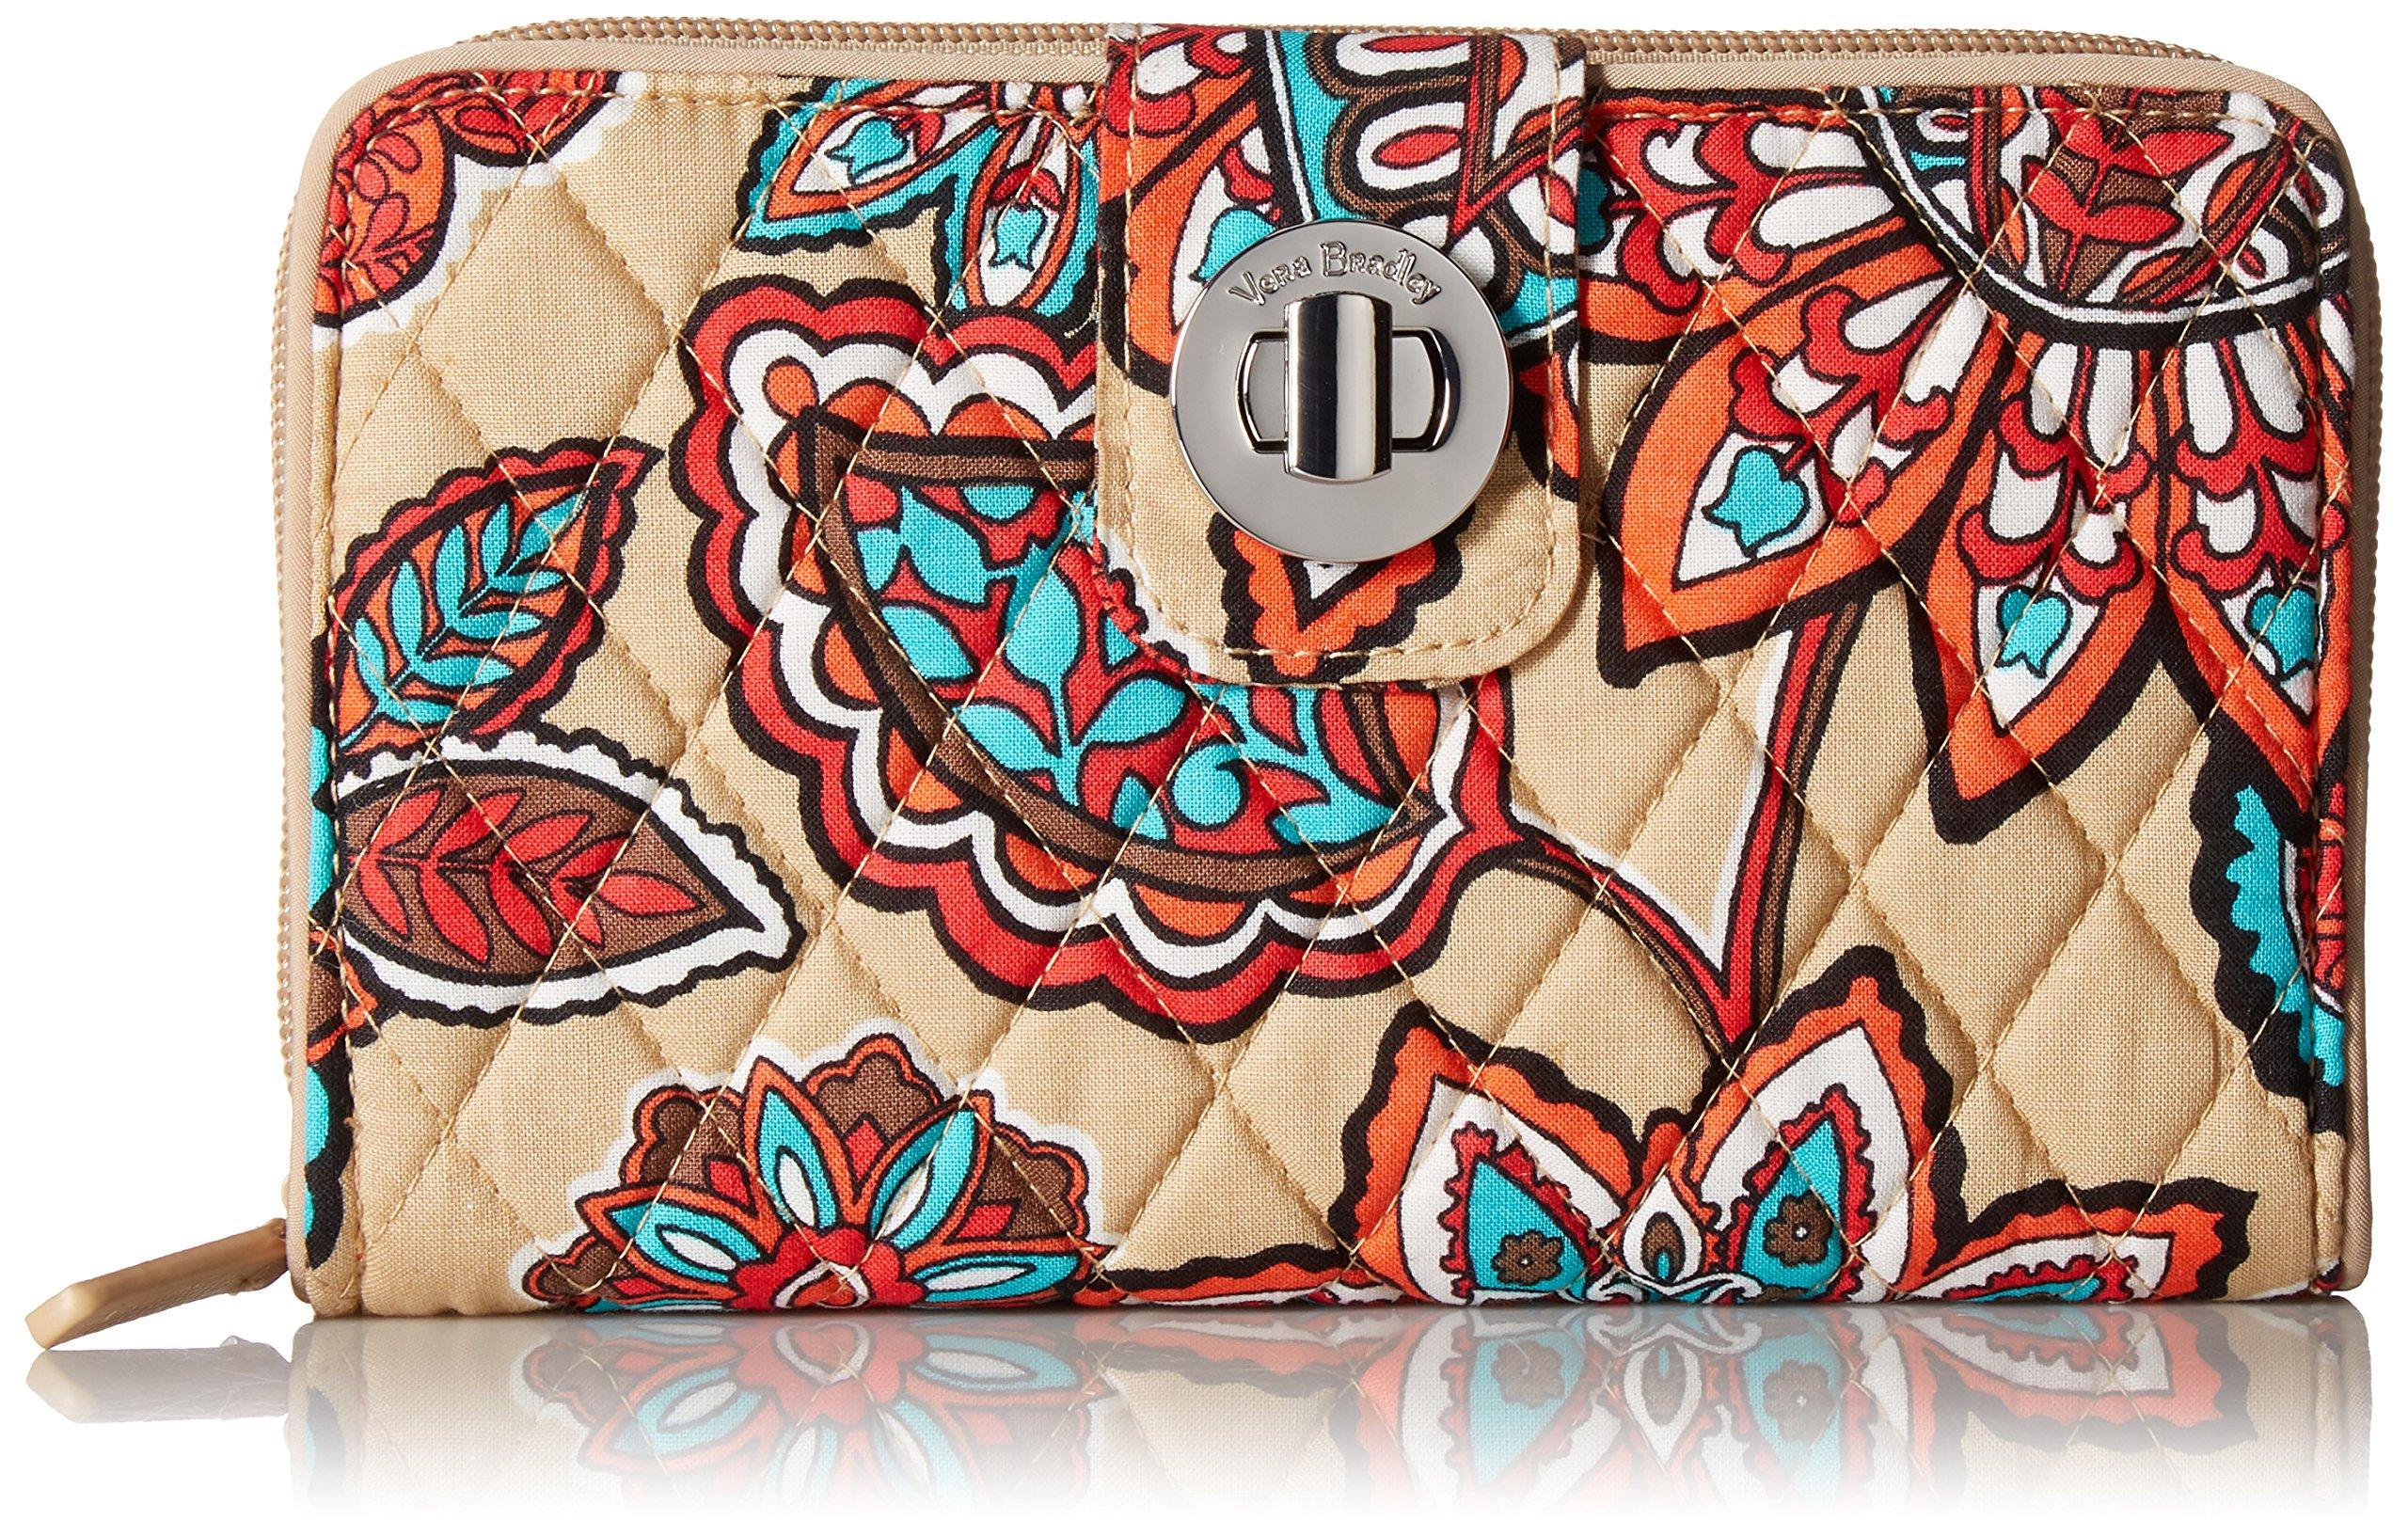 Vera Bradley Rfid Turnlock Wallet, Signature Cotton, Desert Floral + 1.50 Power